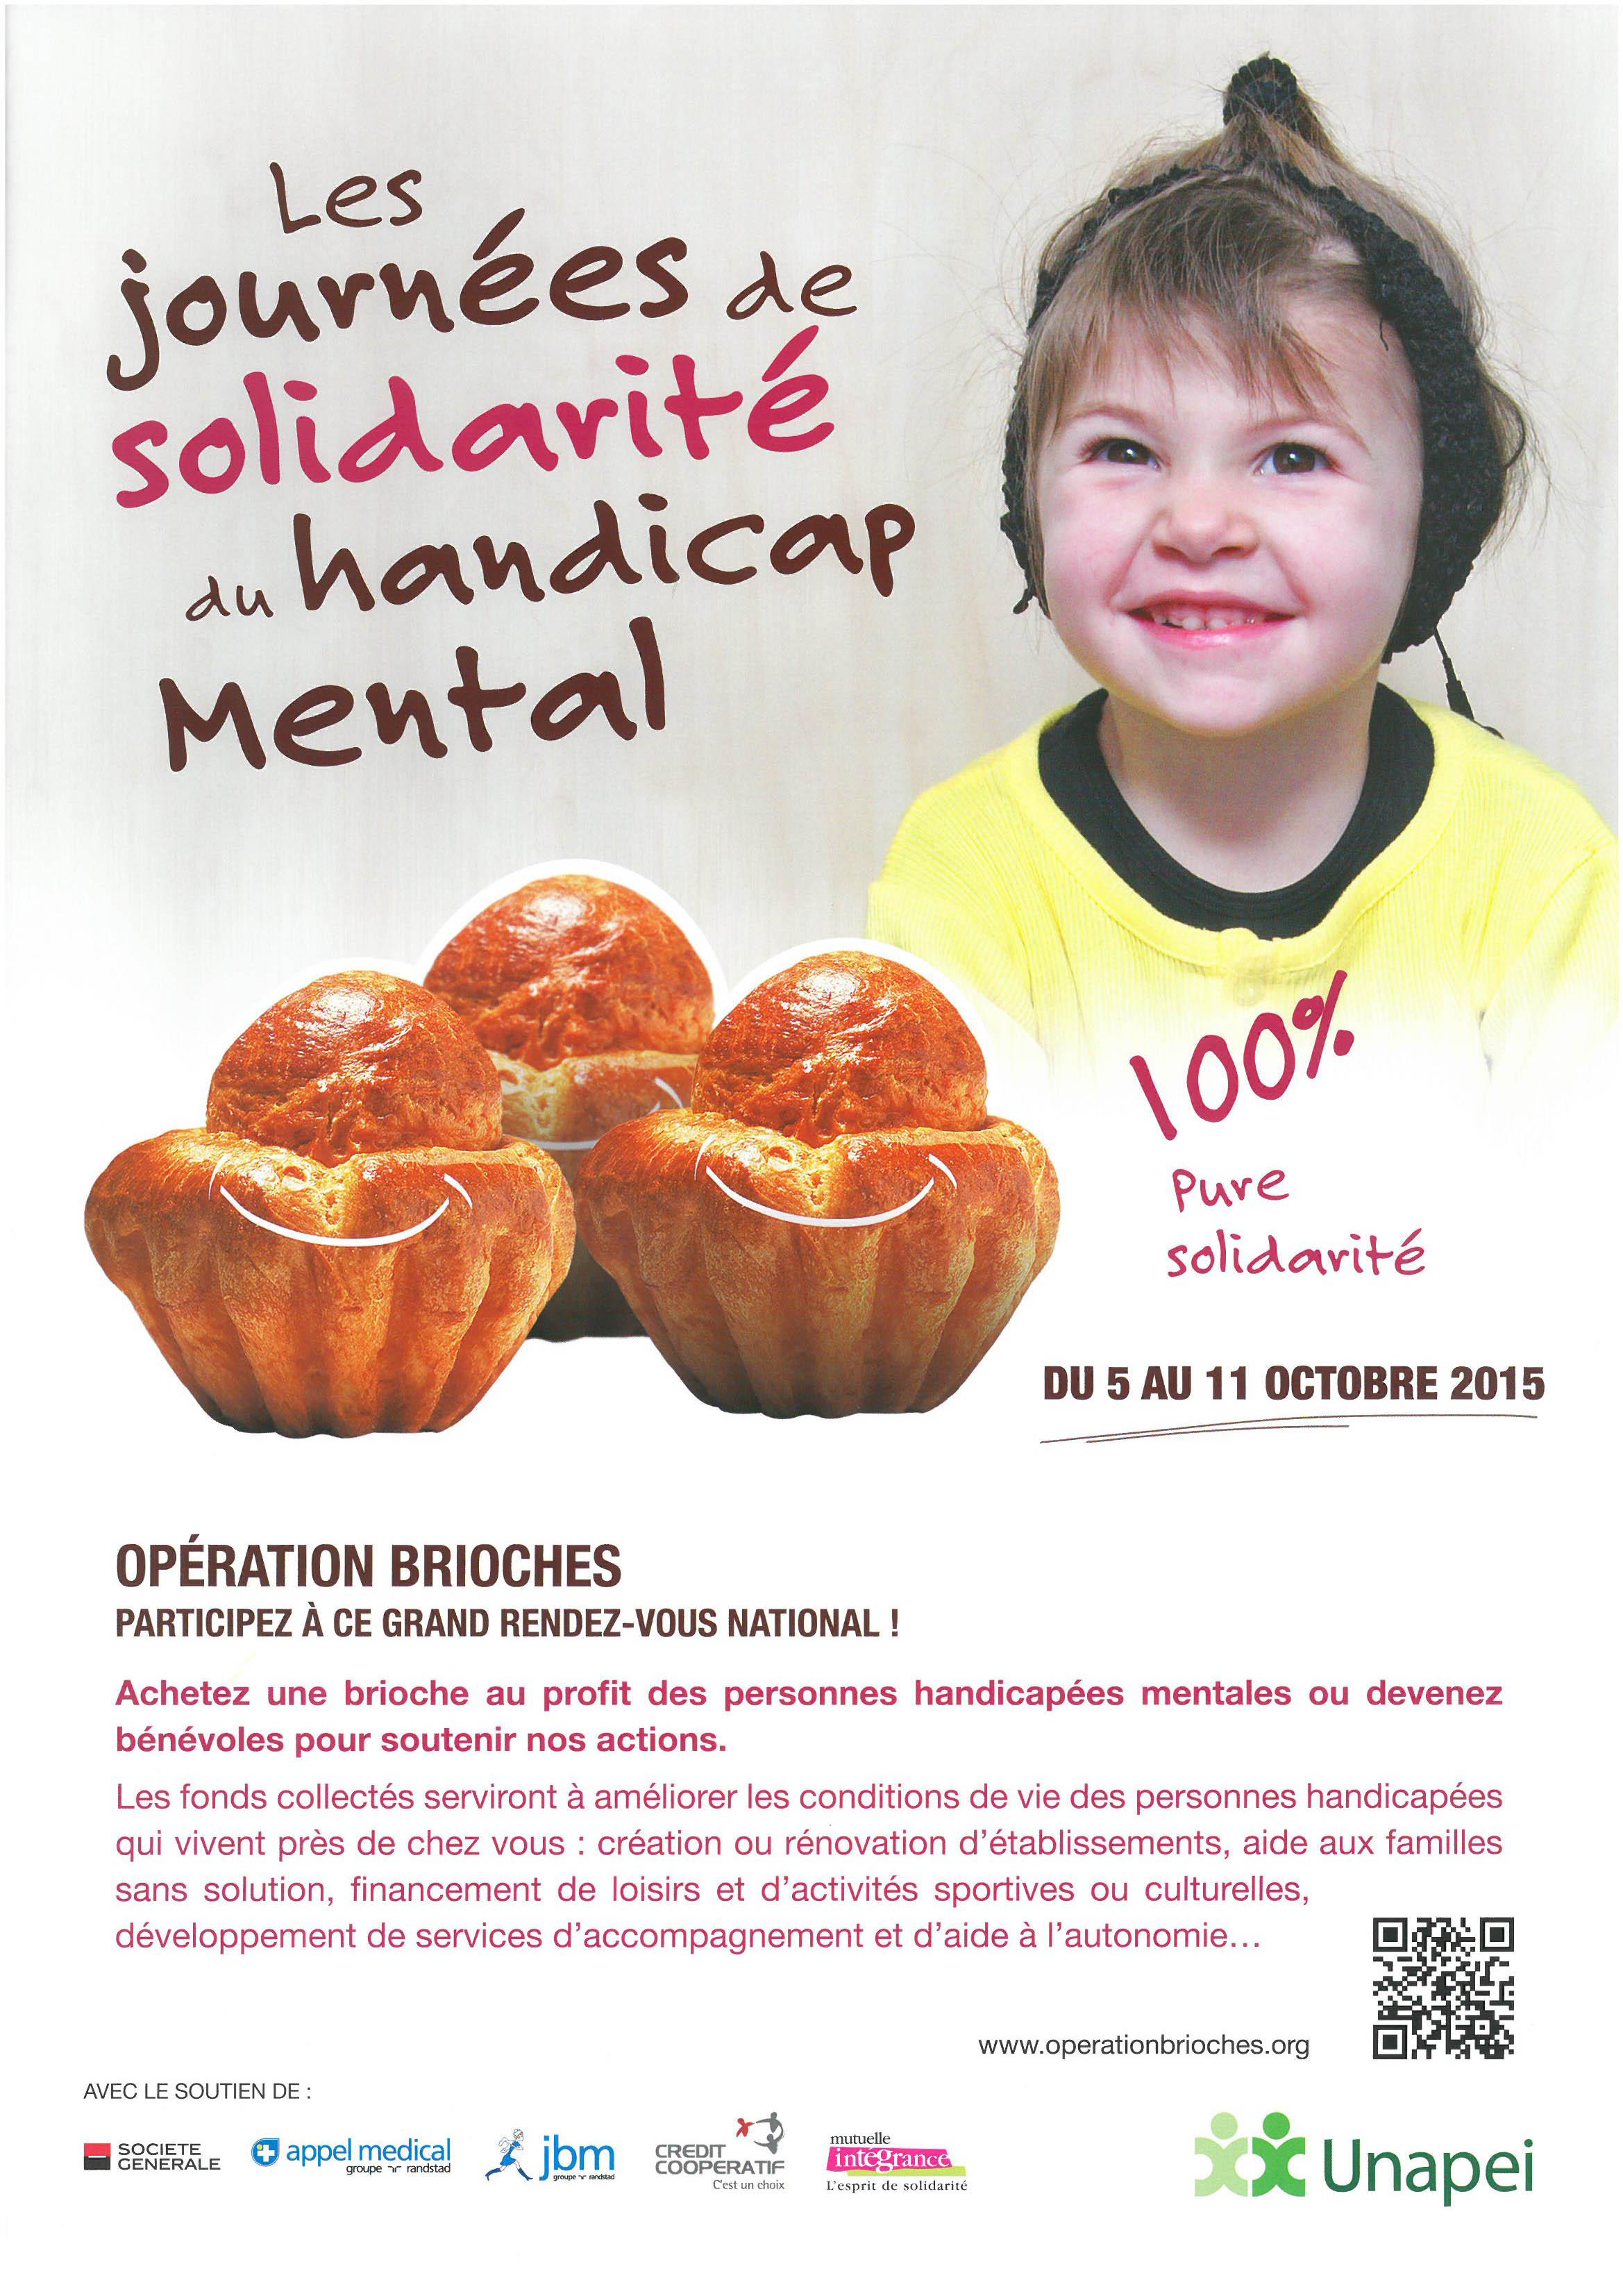 La merci-20150910111148